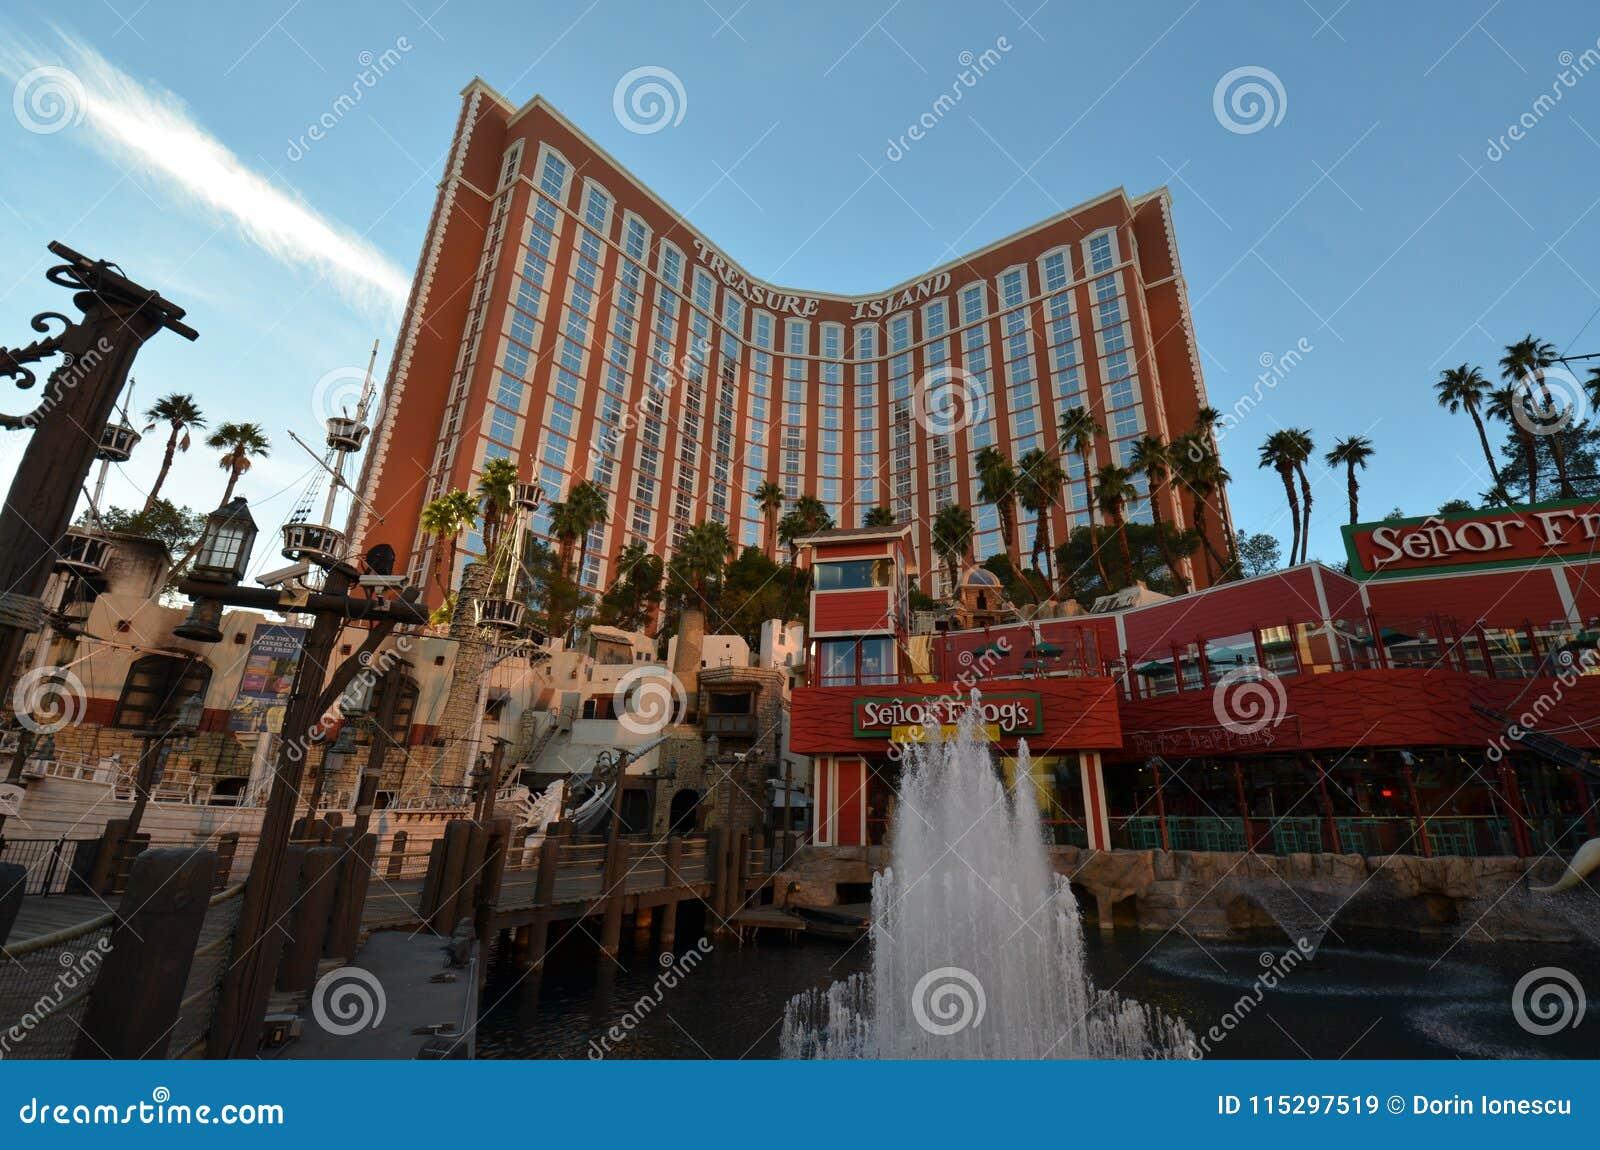 Отель с казино на острове no deposit online casino bonus code